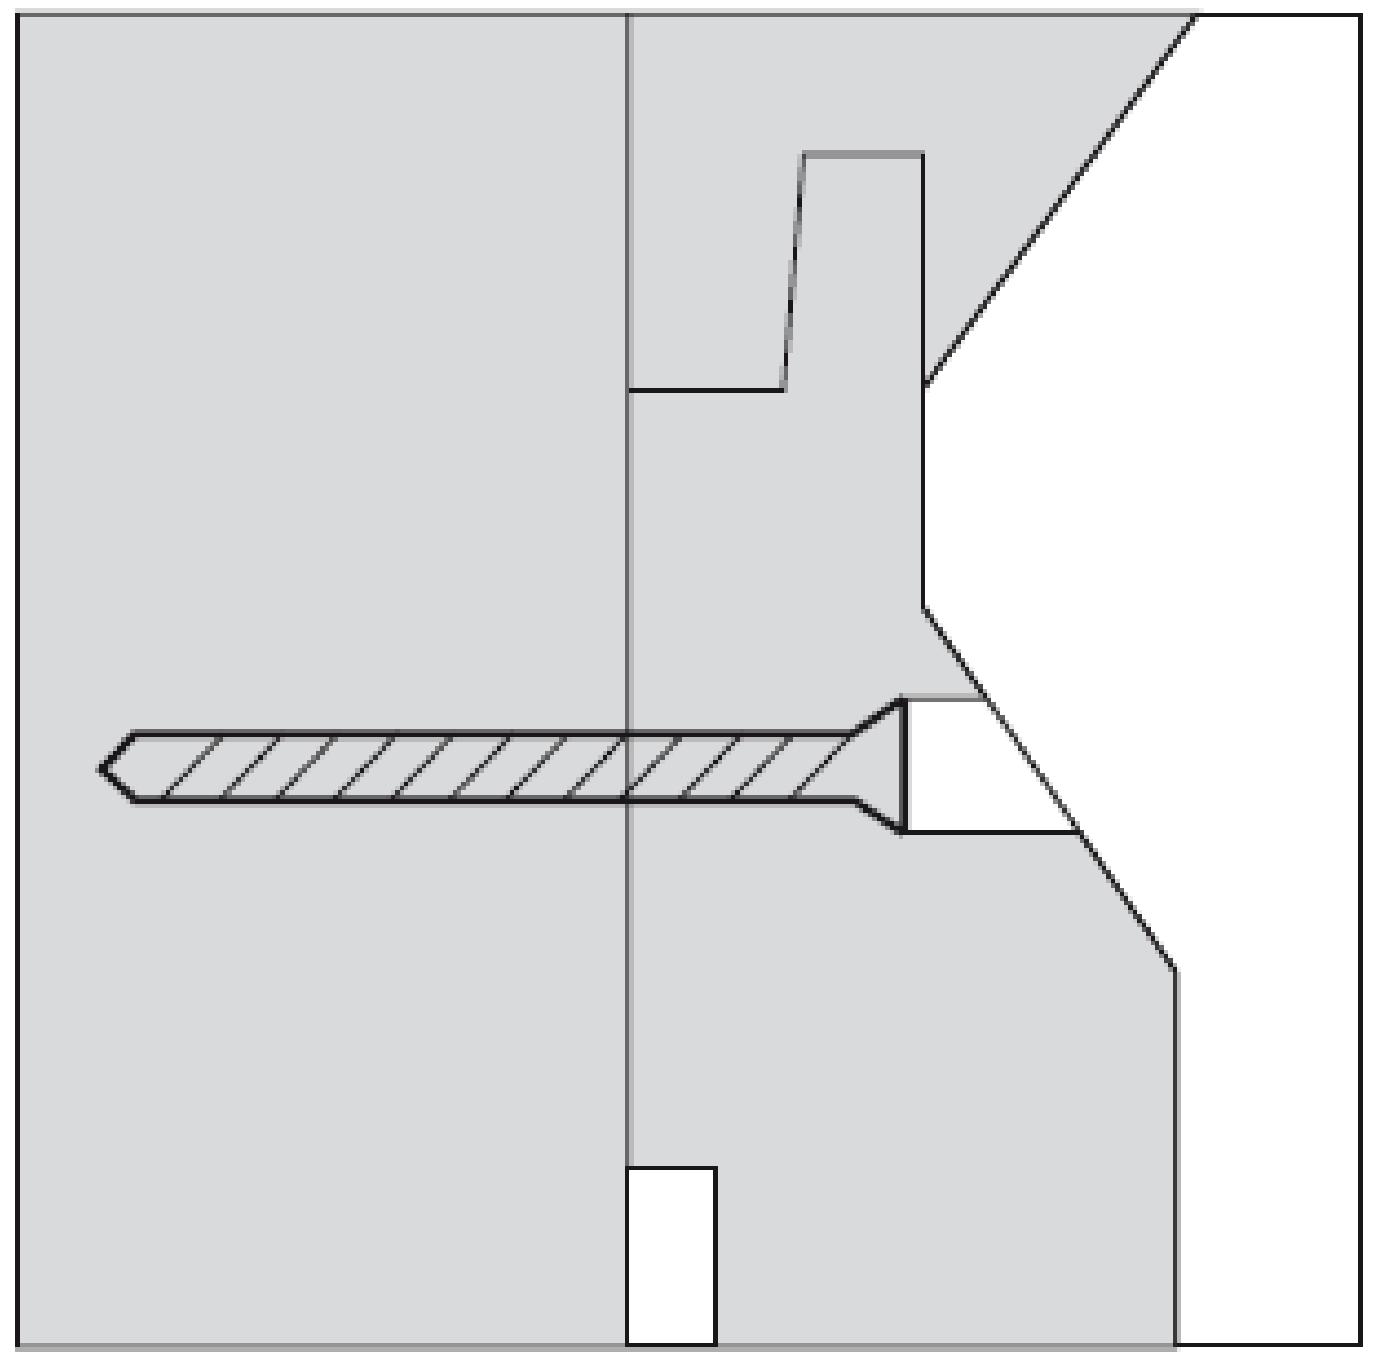 Обшивка балкона вагонкой. Продолжение 2